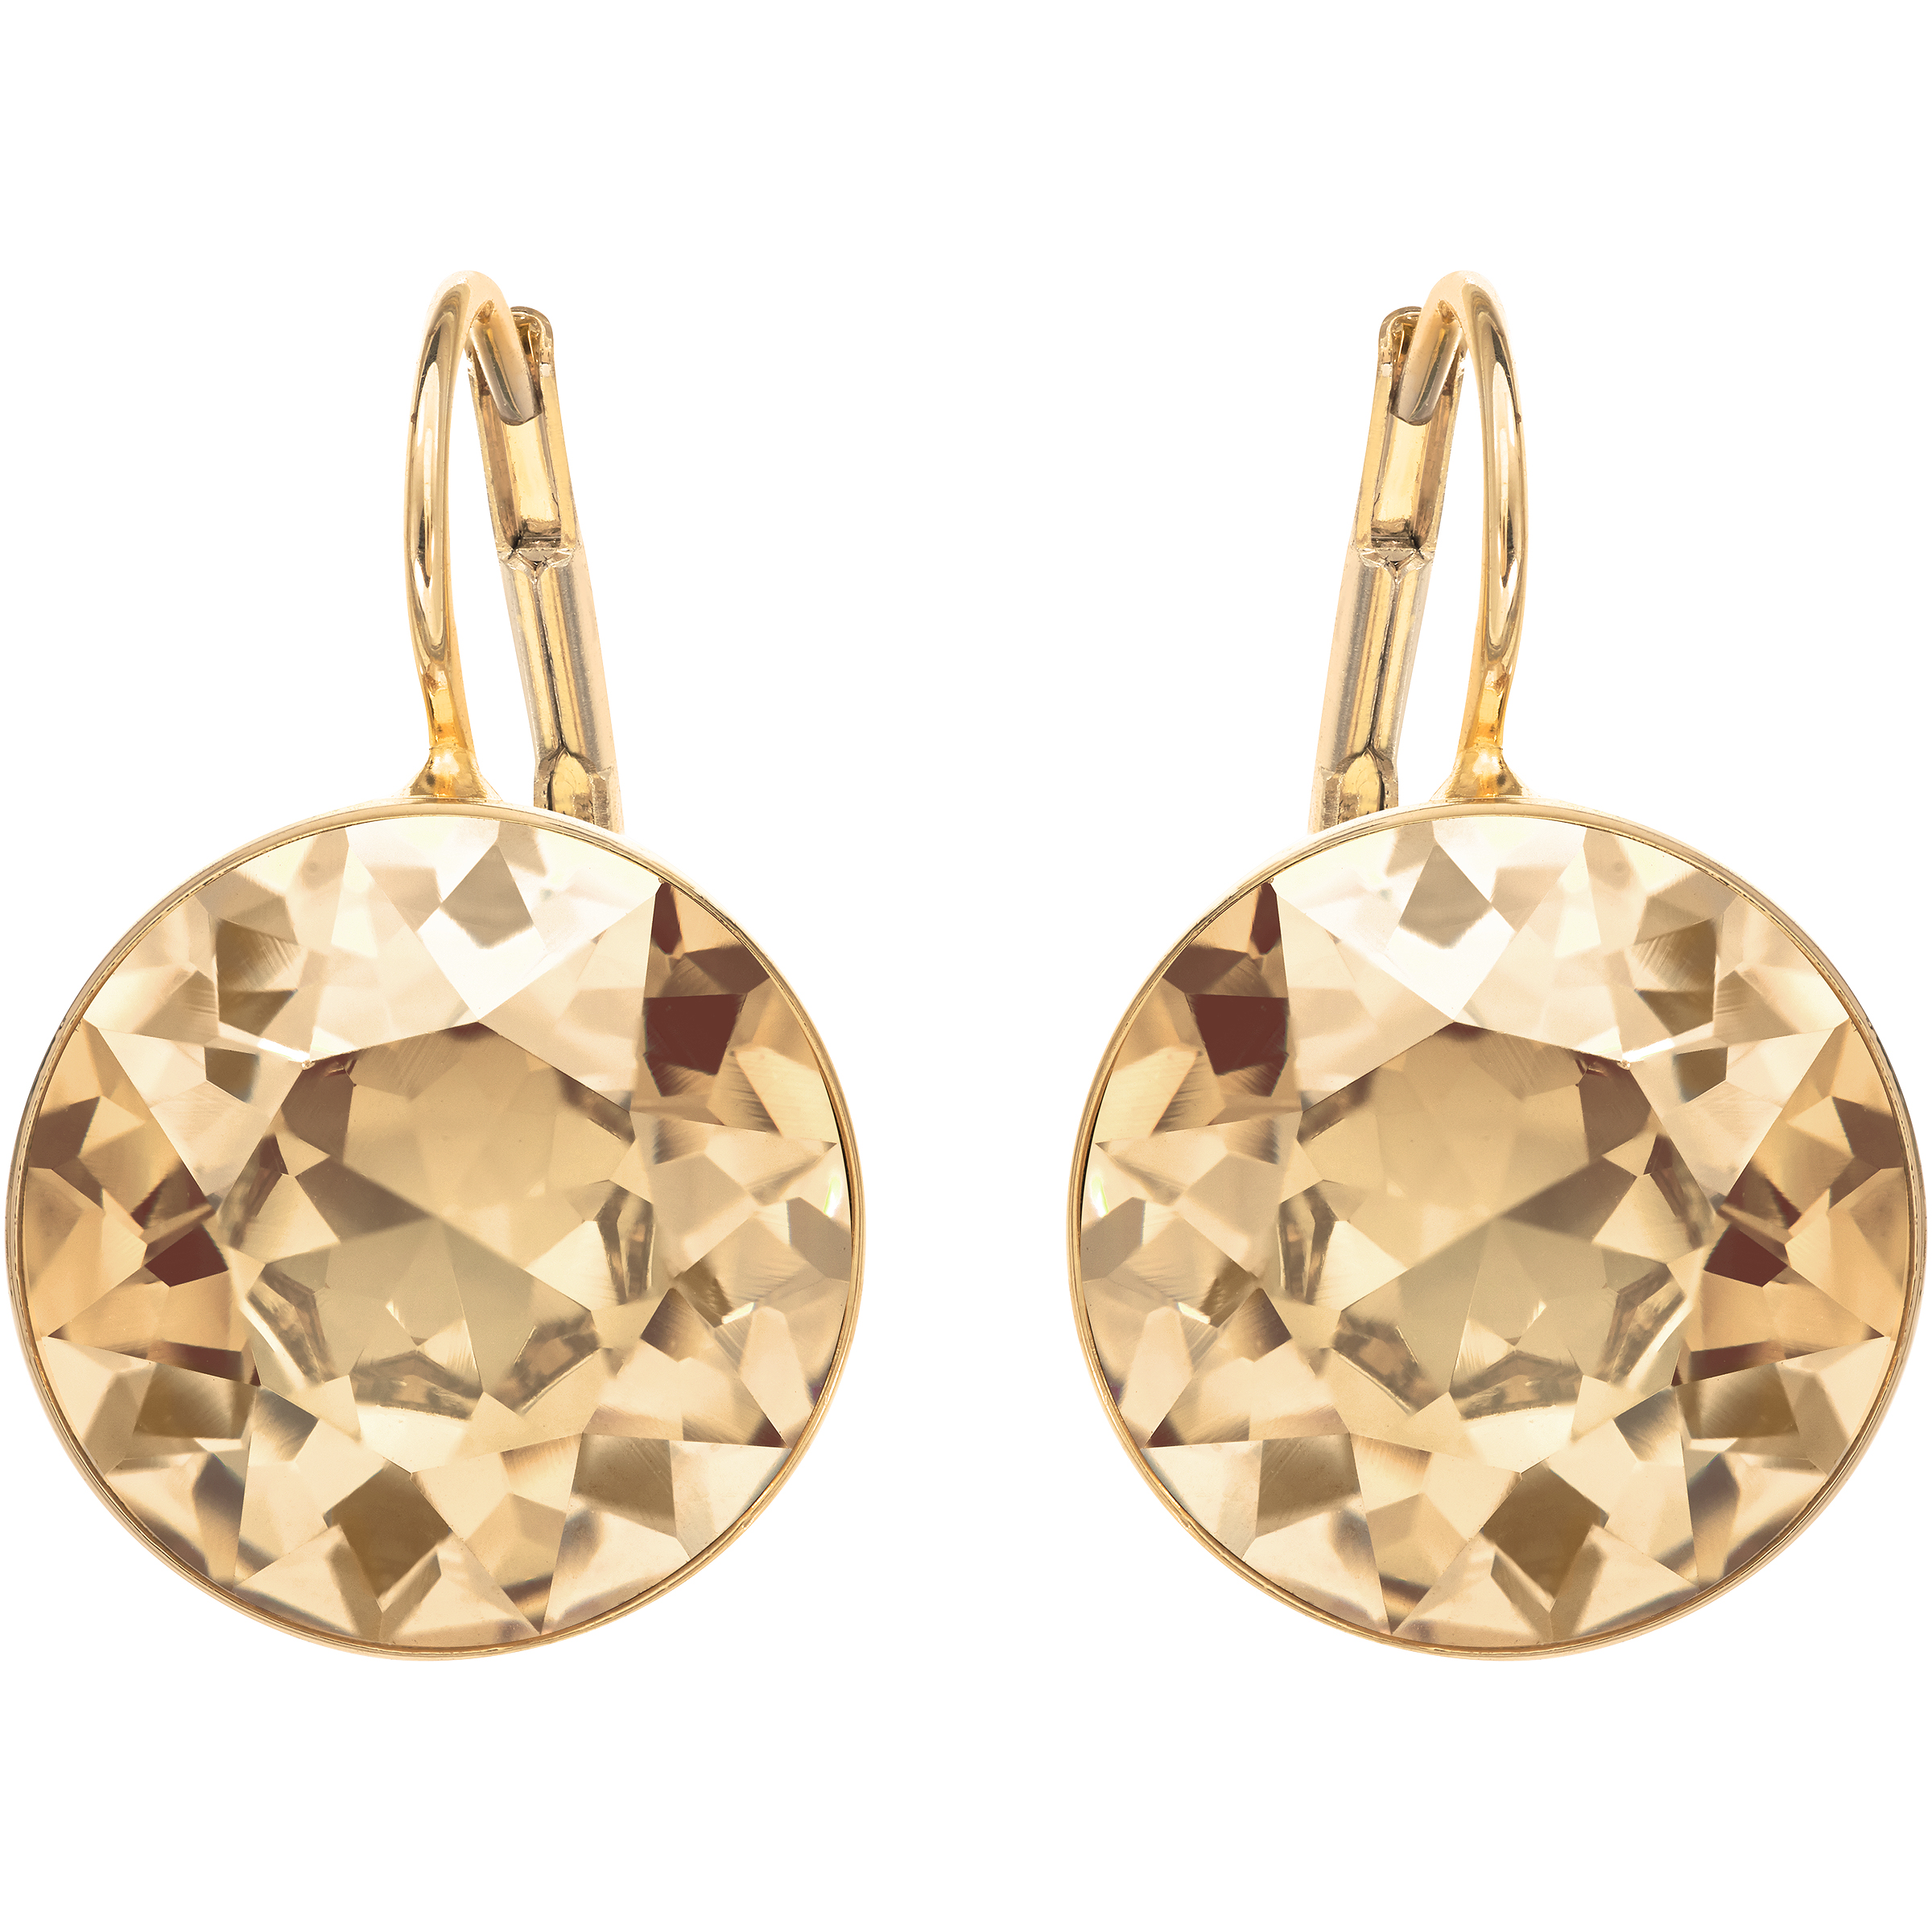 Bella Pierced Earrings, Golden, Gold Plating